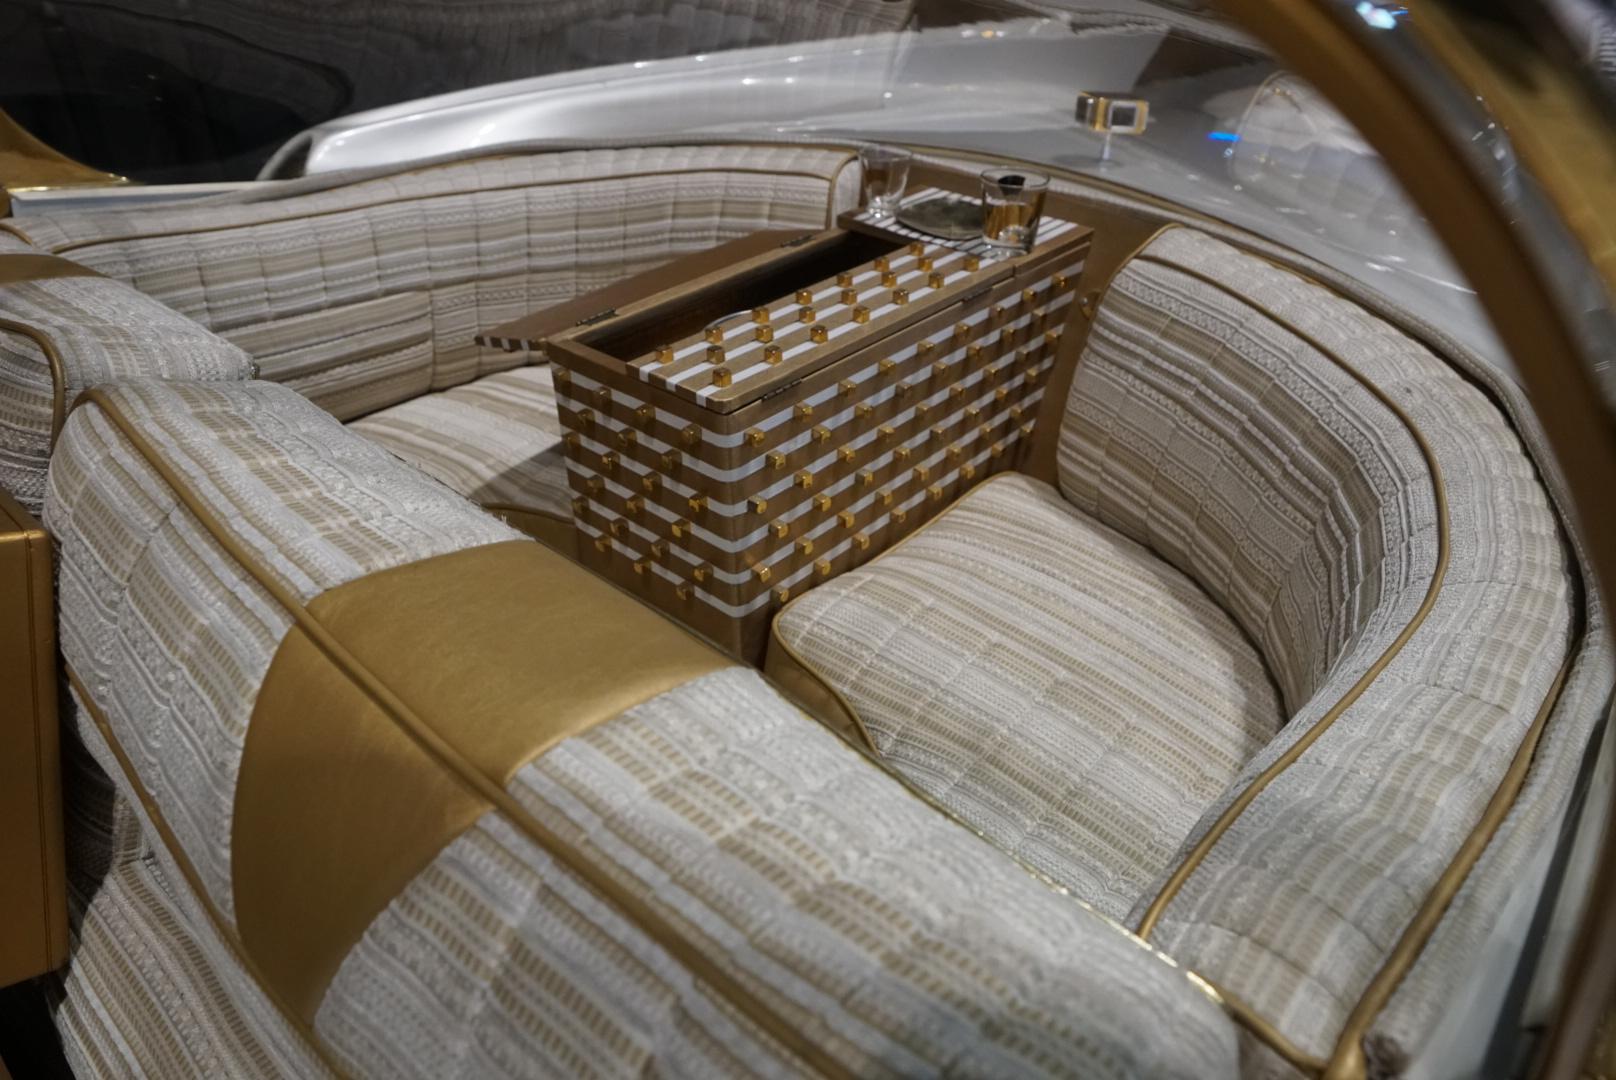 The Golden Sahara II rear interior